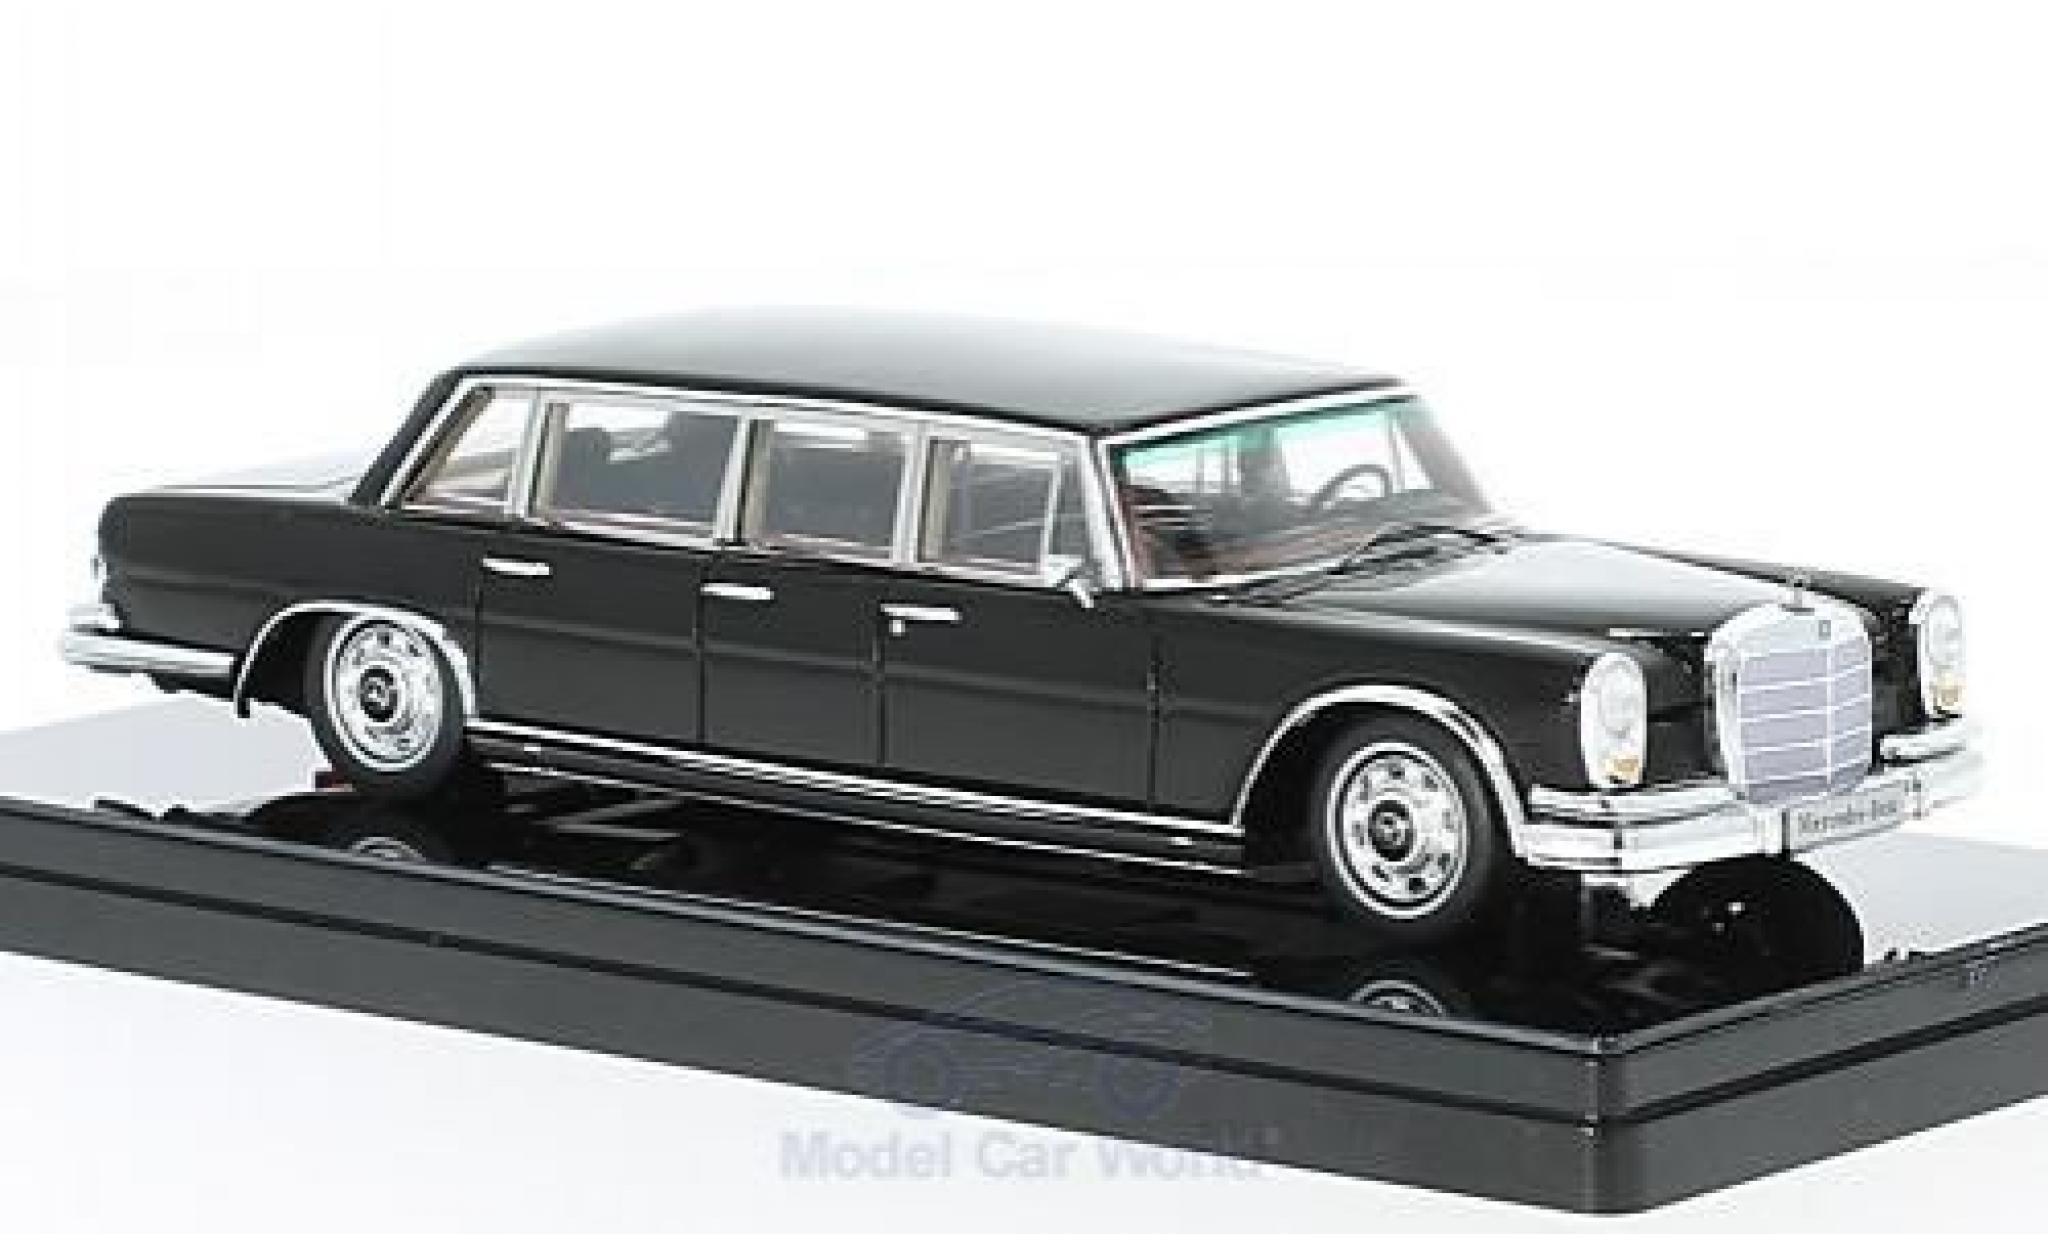 Mercedes 600 1/43 TrueScale Miniatures Pullman noire 1964 6-door